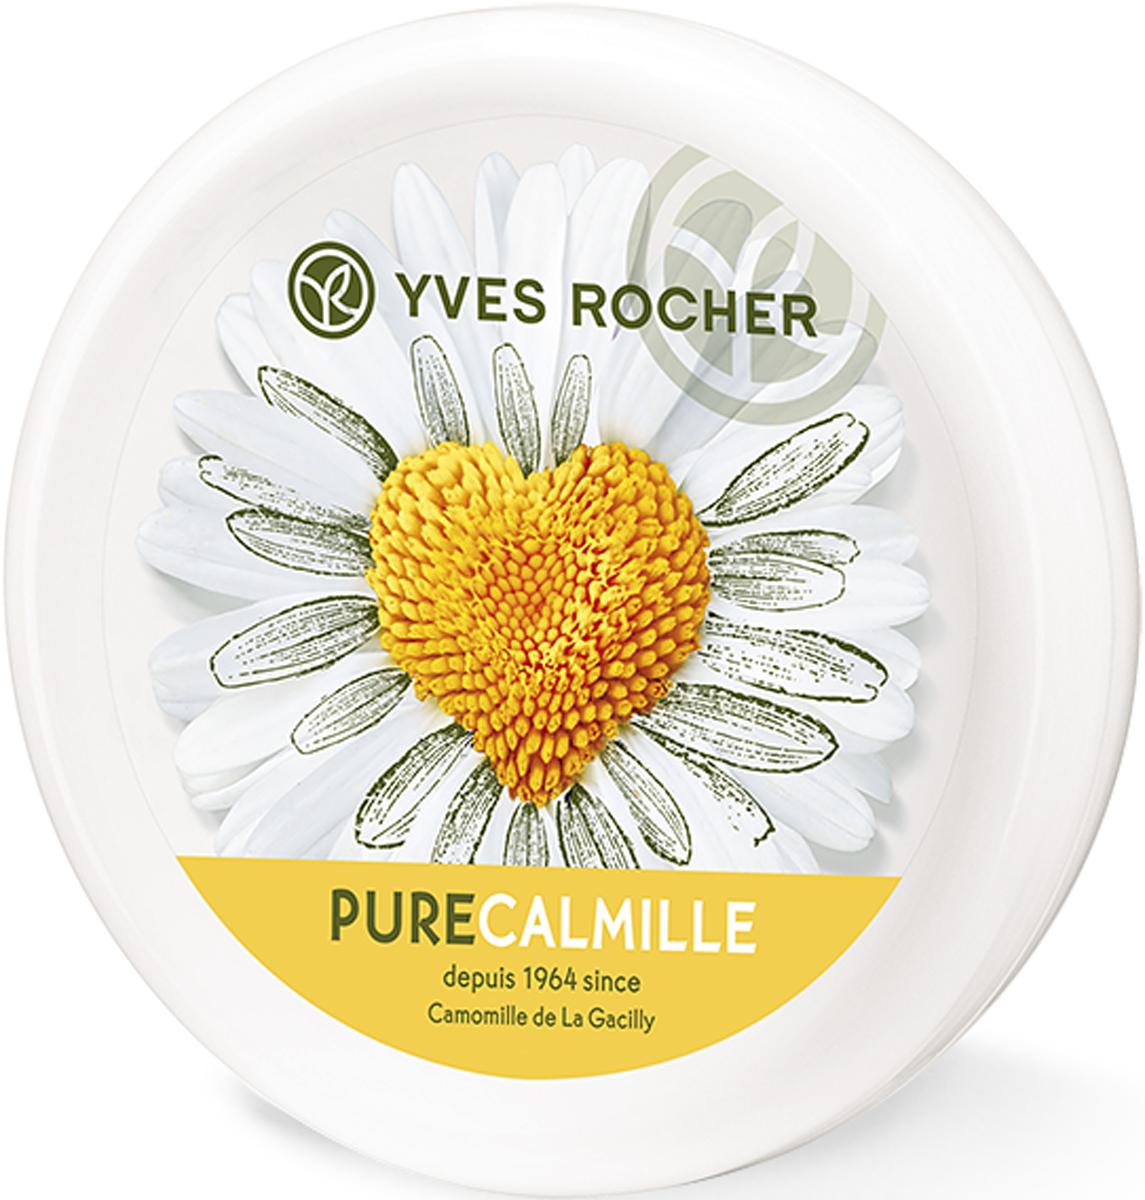 Yves Rocher нежный крем для лица и тела, 125 мл комплимент крем для тела отзывы